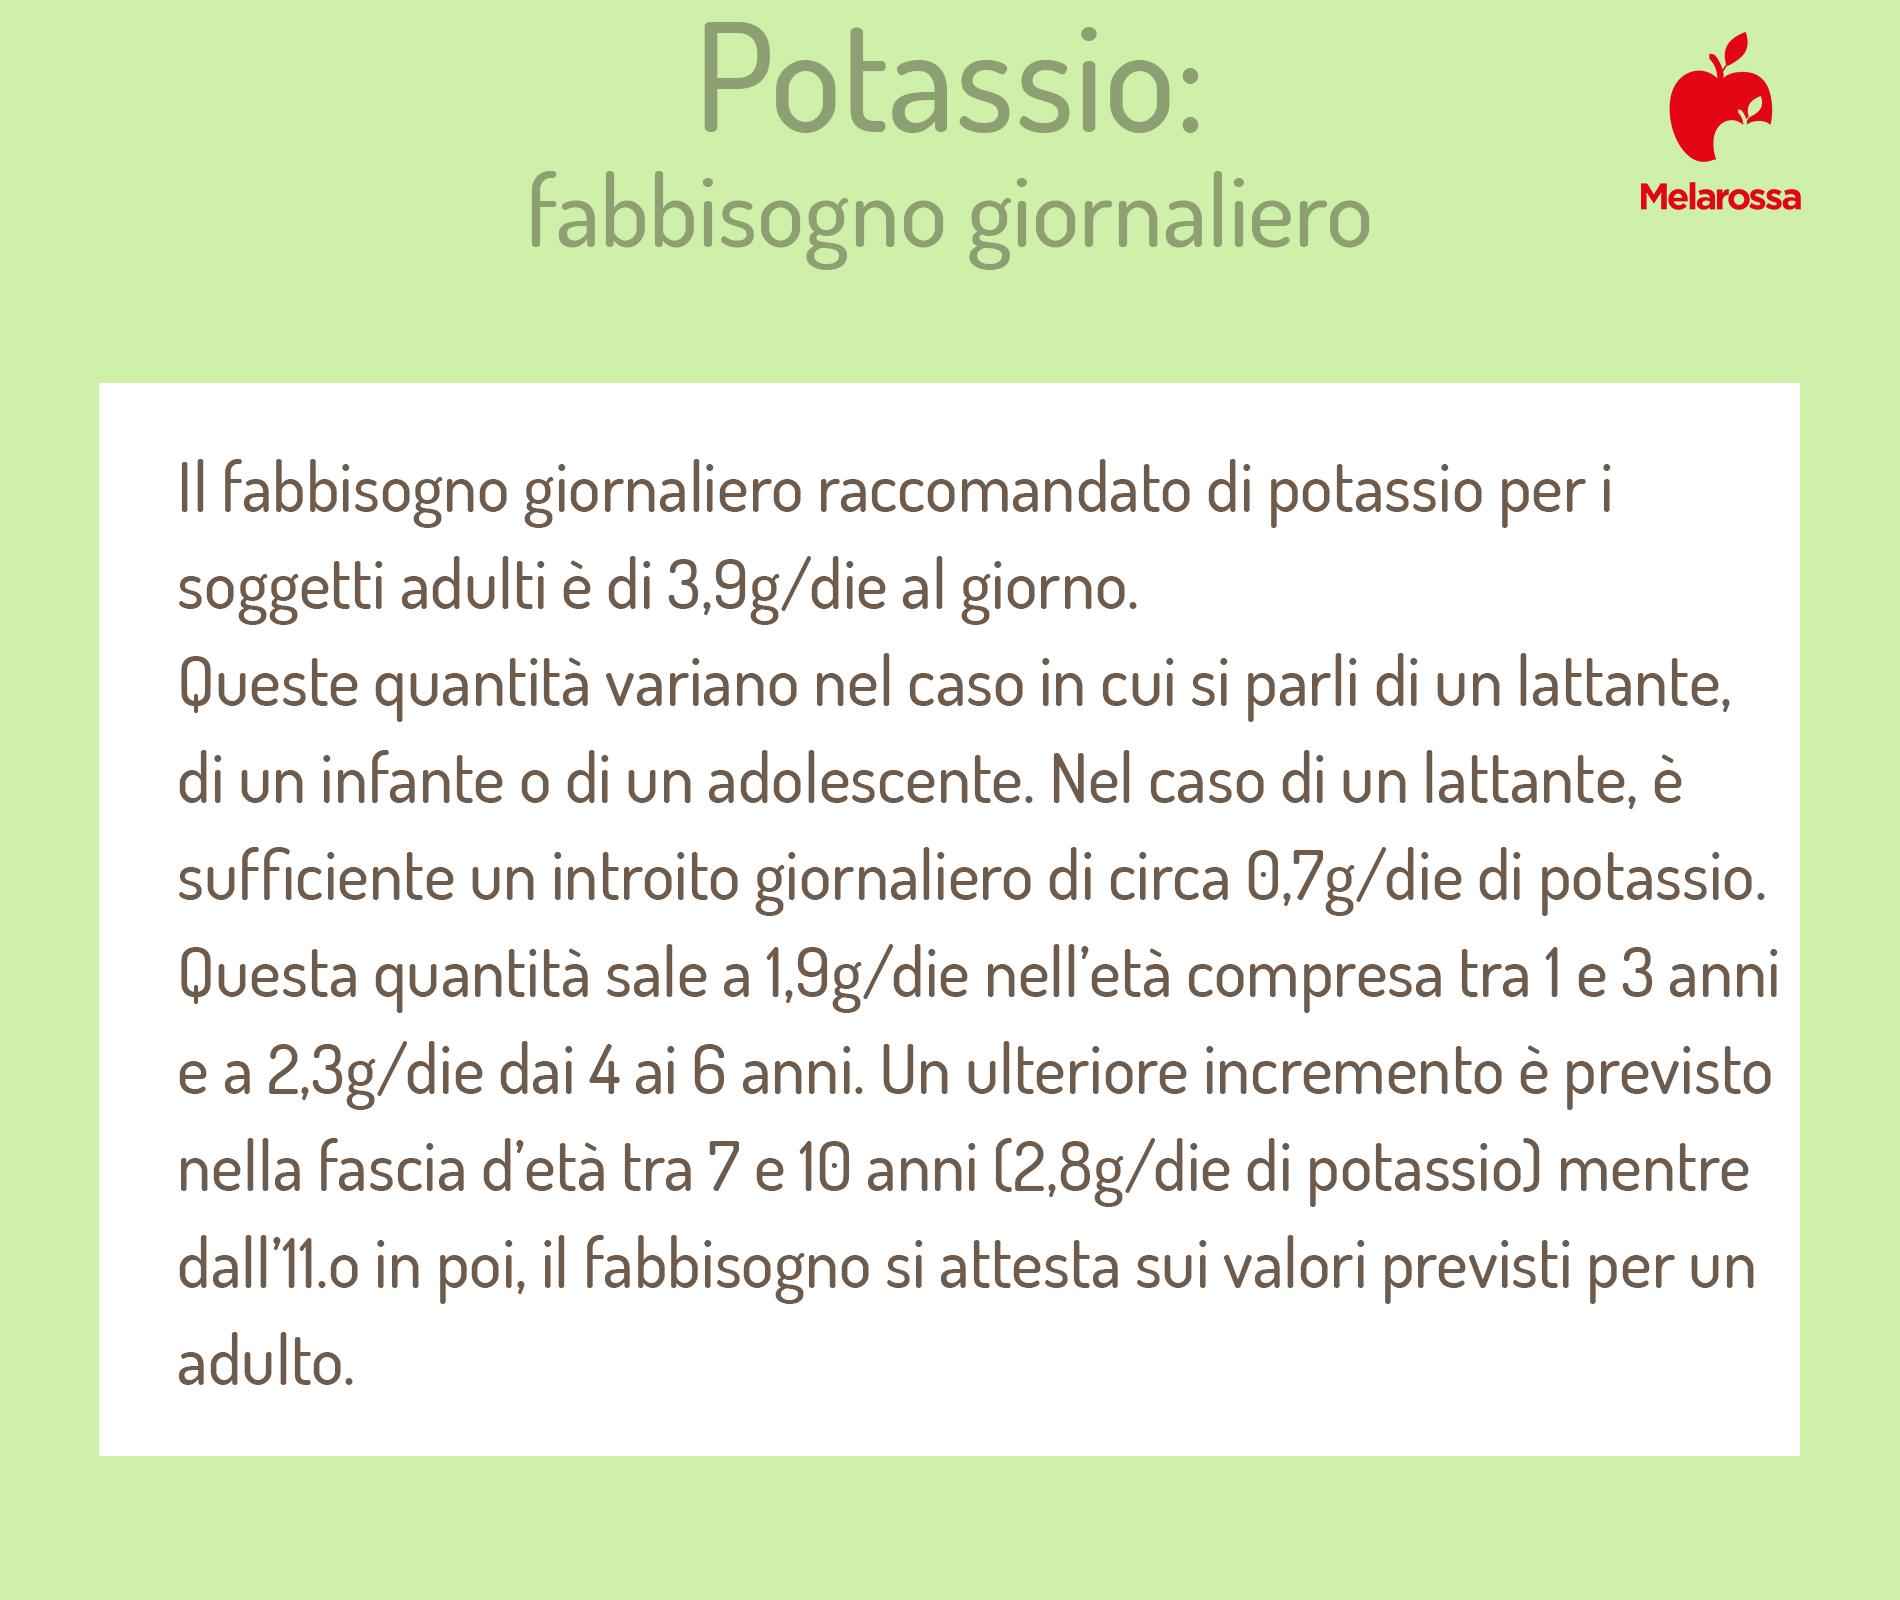 Potassio: fabbisogno giornaliero